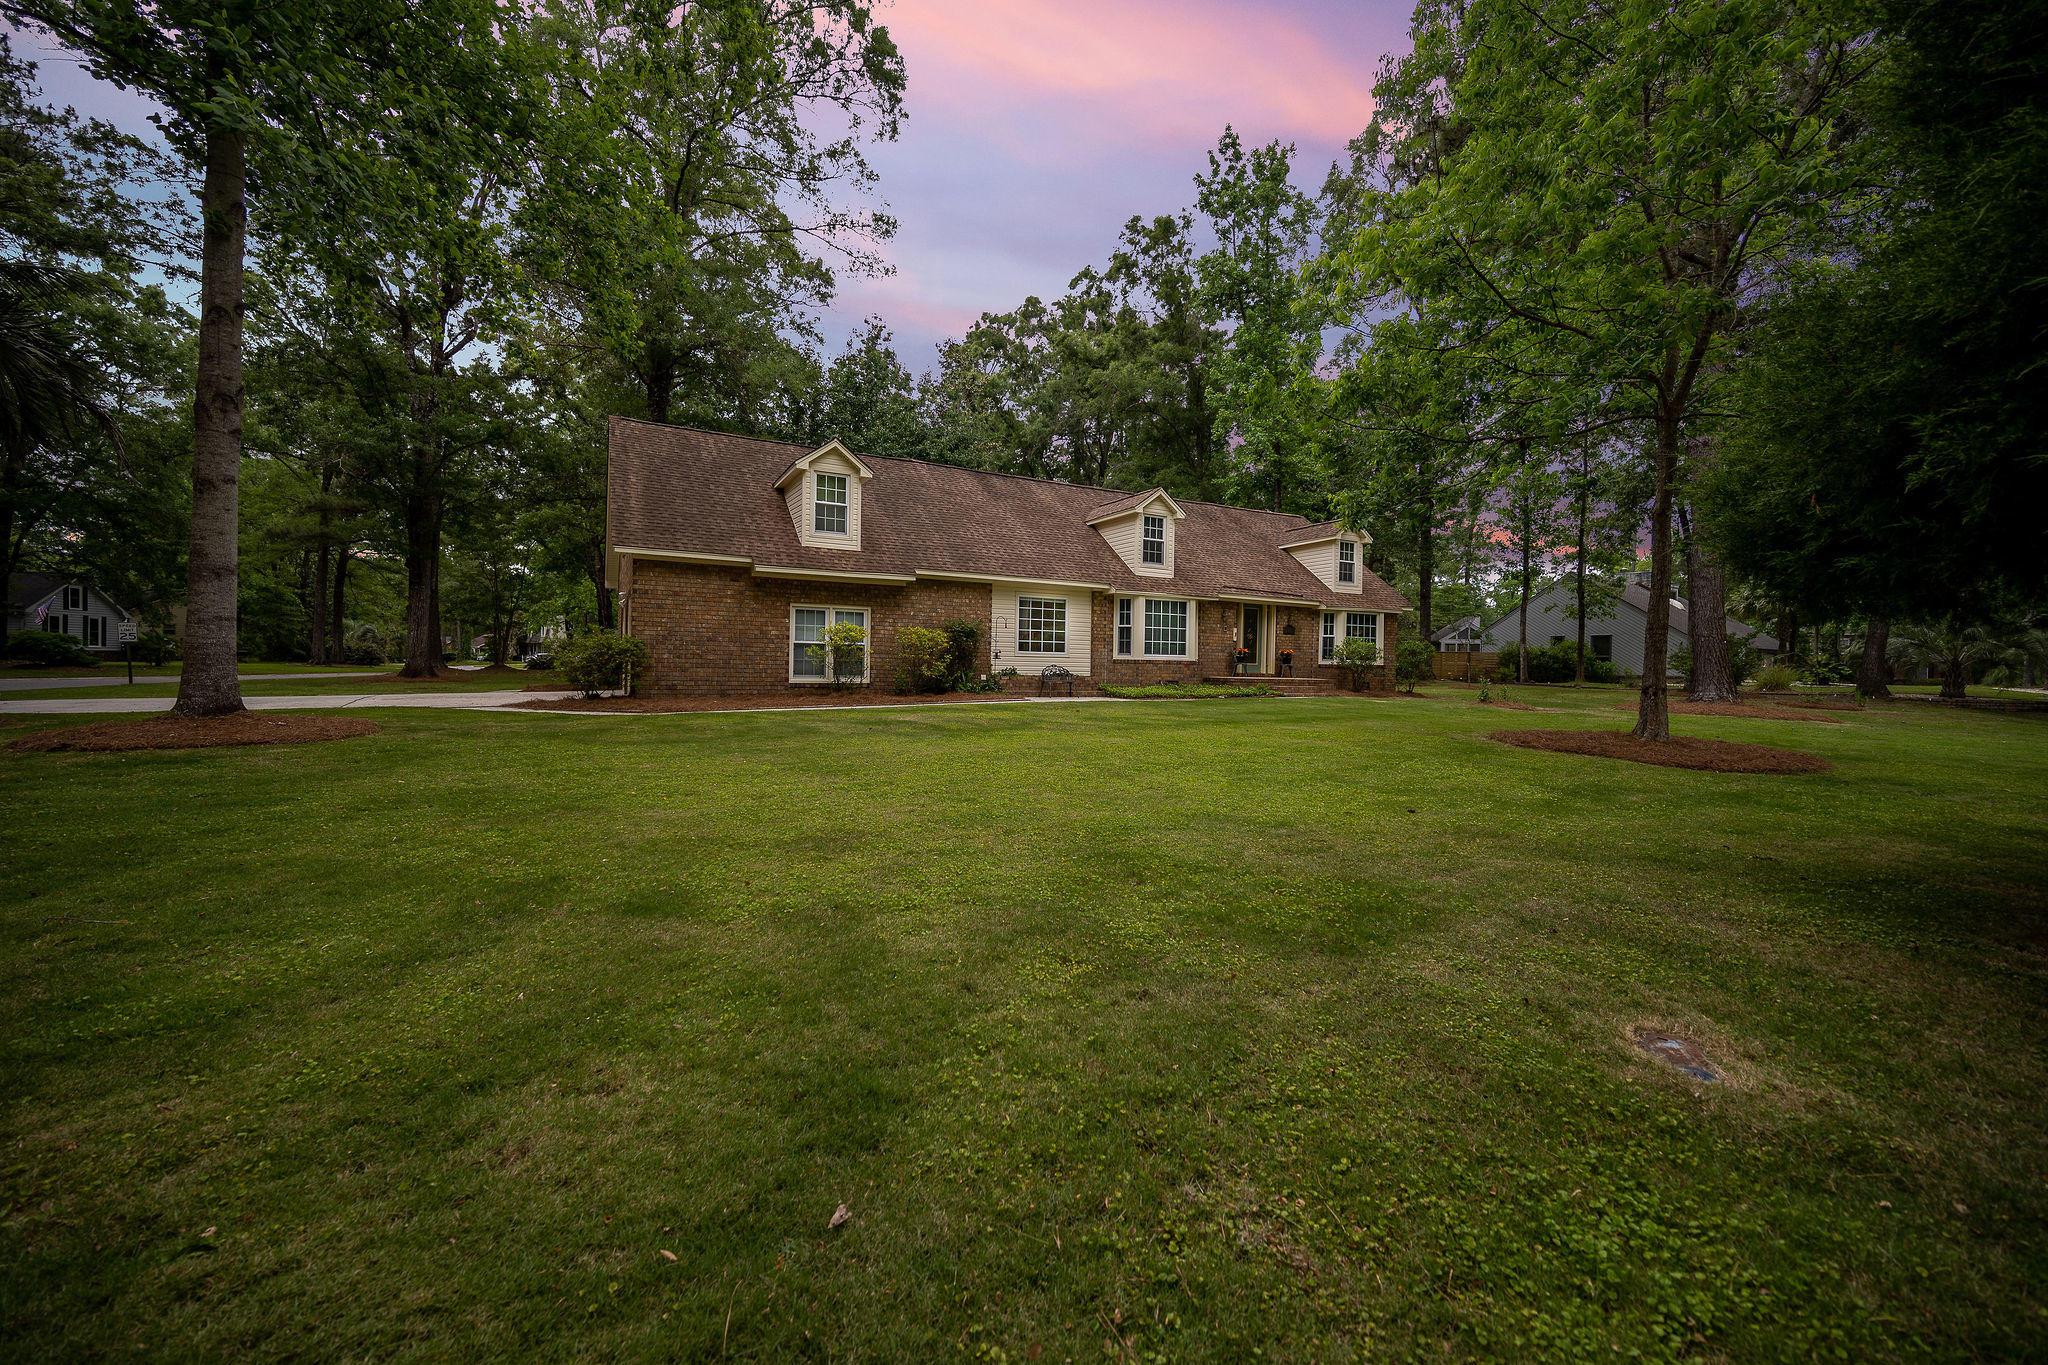 103 Tabby Lane Summerville, SC 29485